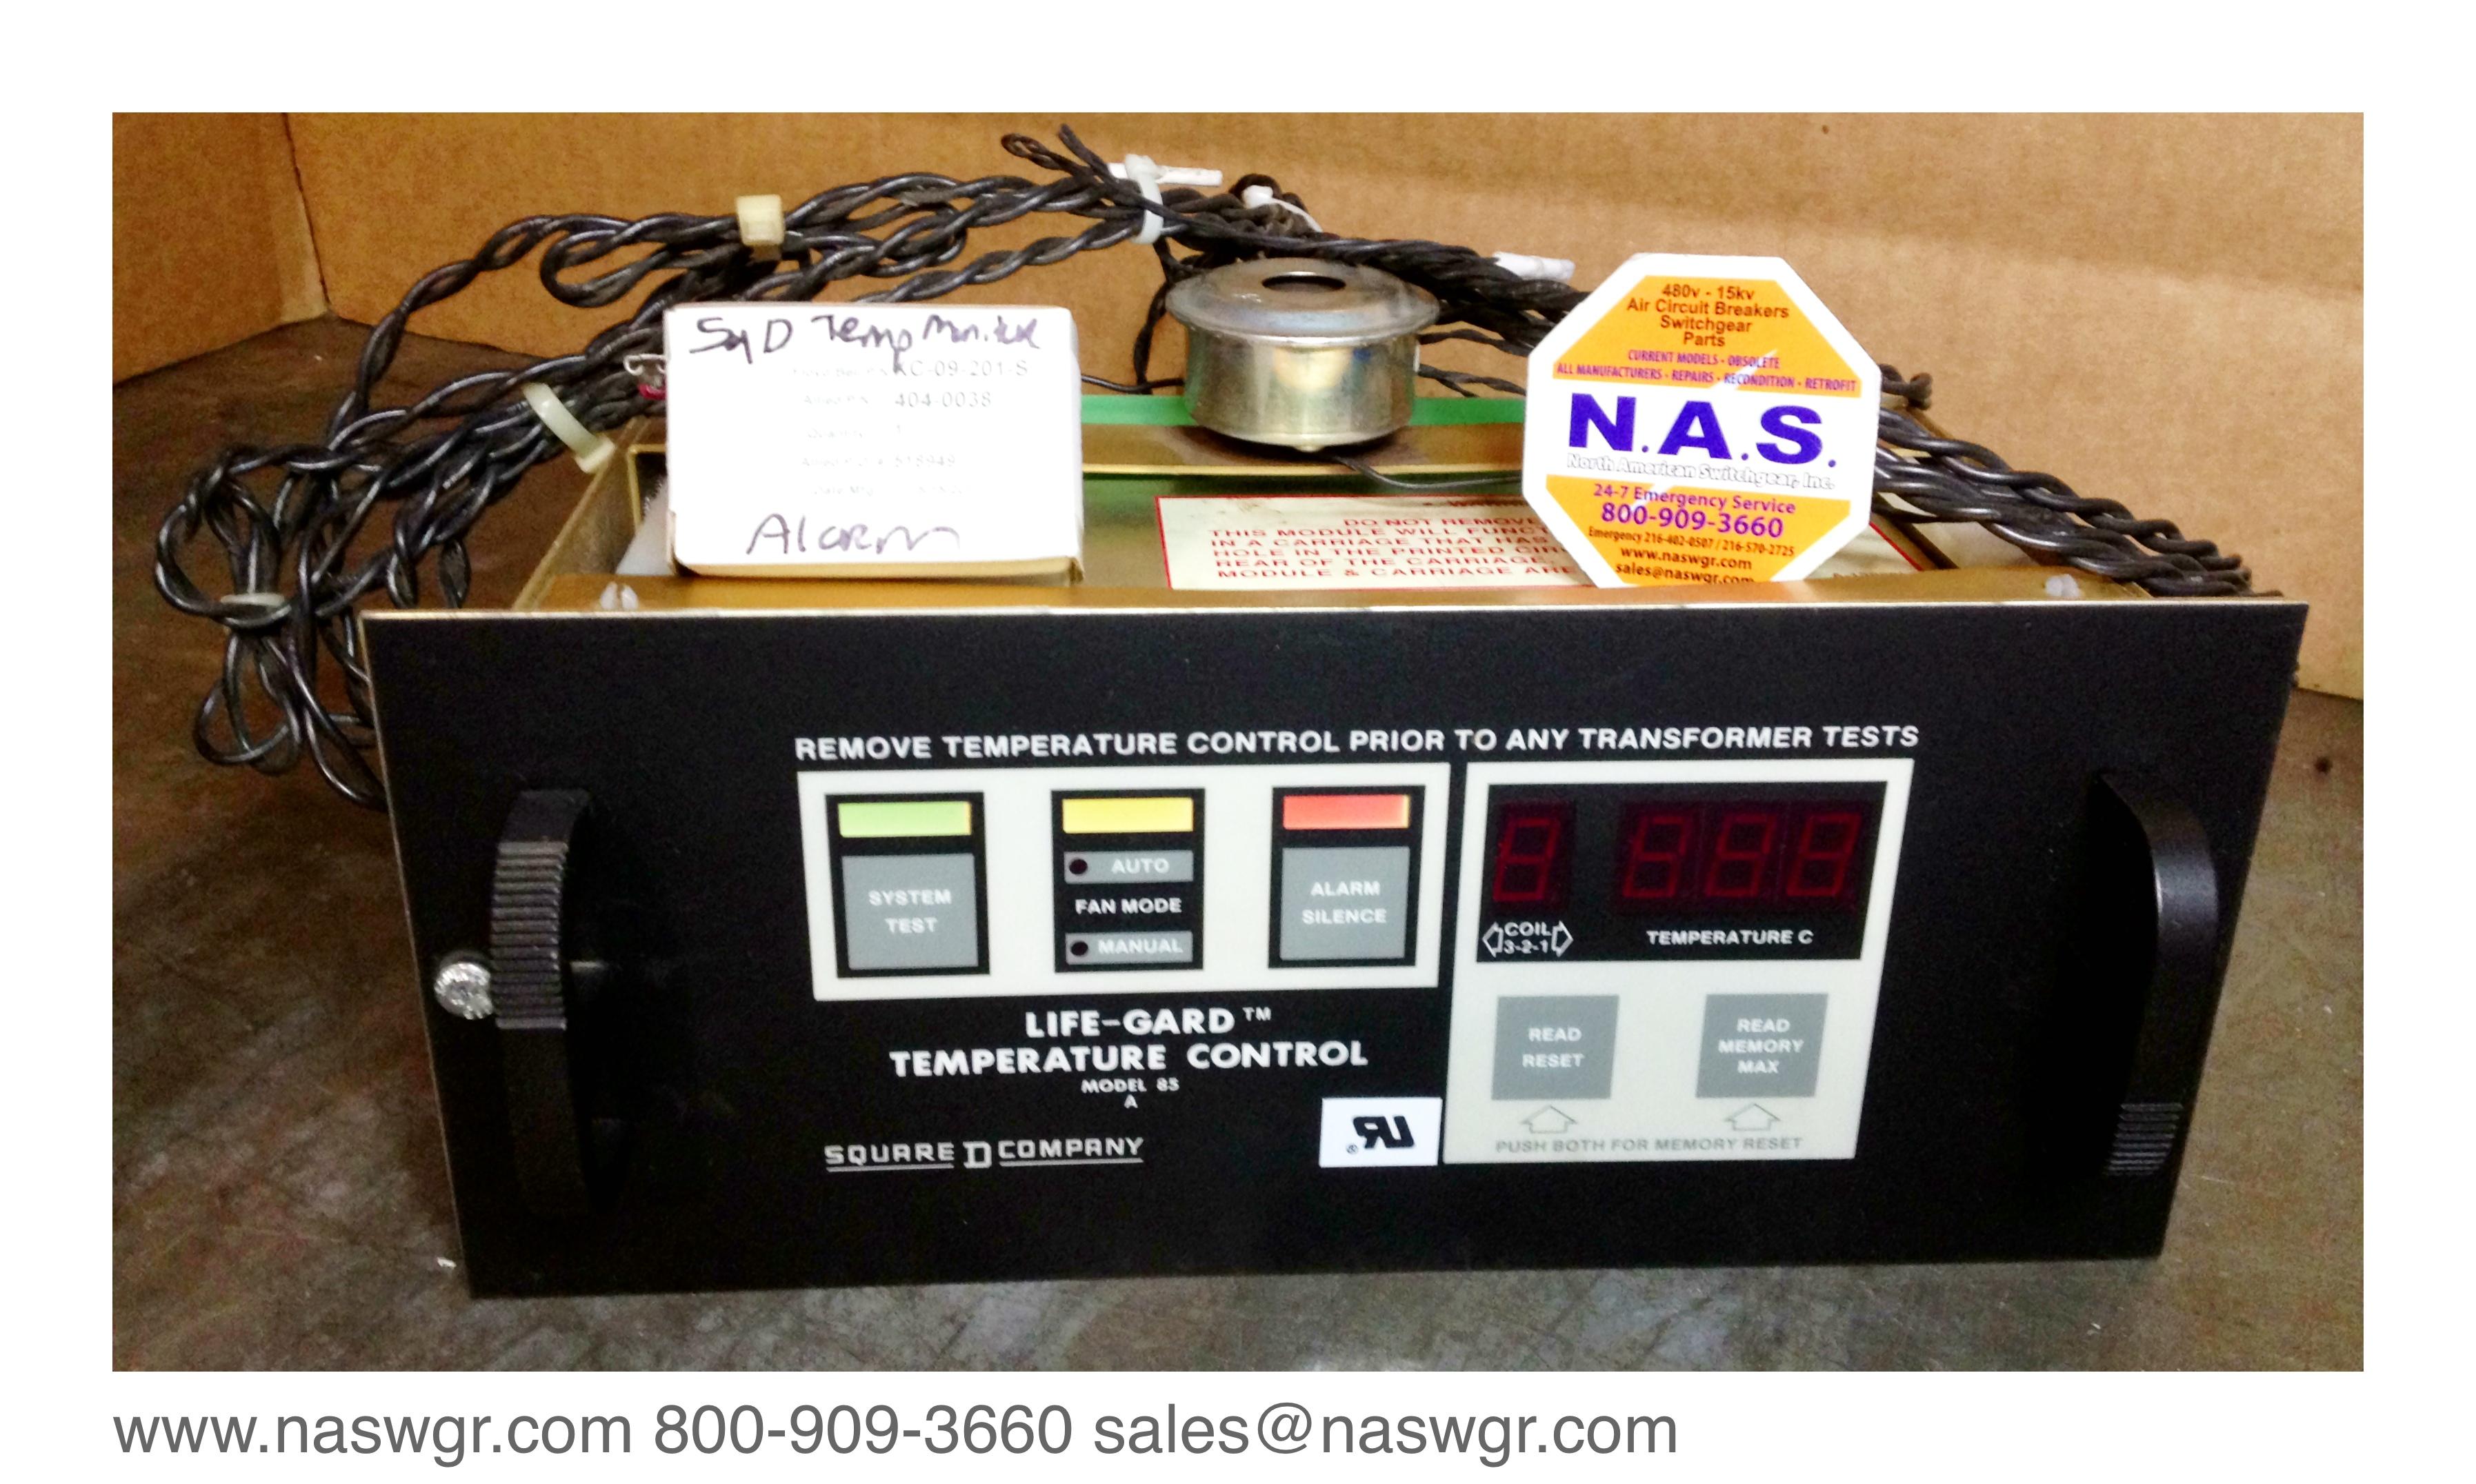 Square D Life Gard Temperature Control Model 85 A Square D Model 85A  #C99002